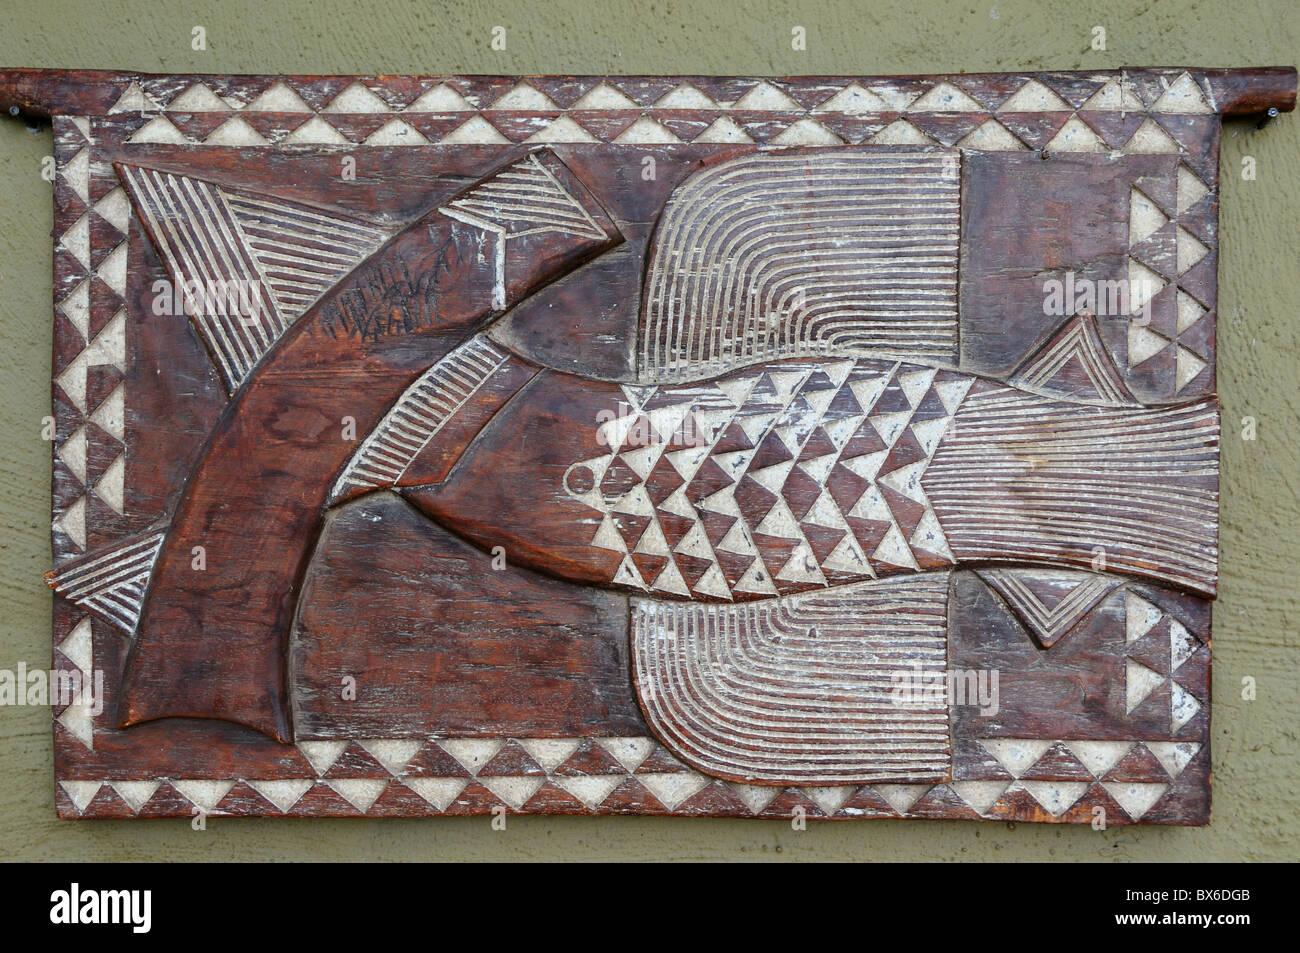 A wood carve decoration. Kruger National Park, South Africa. - Stock Image